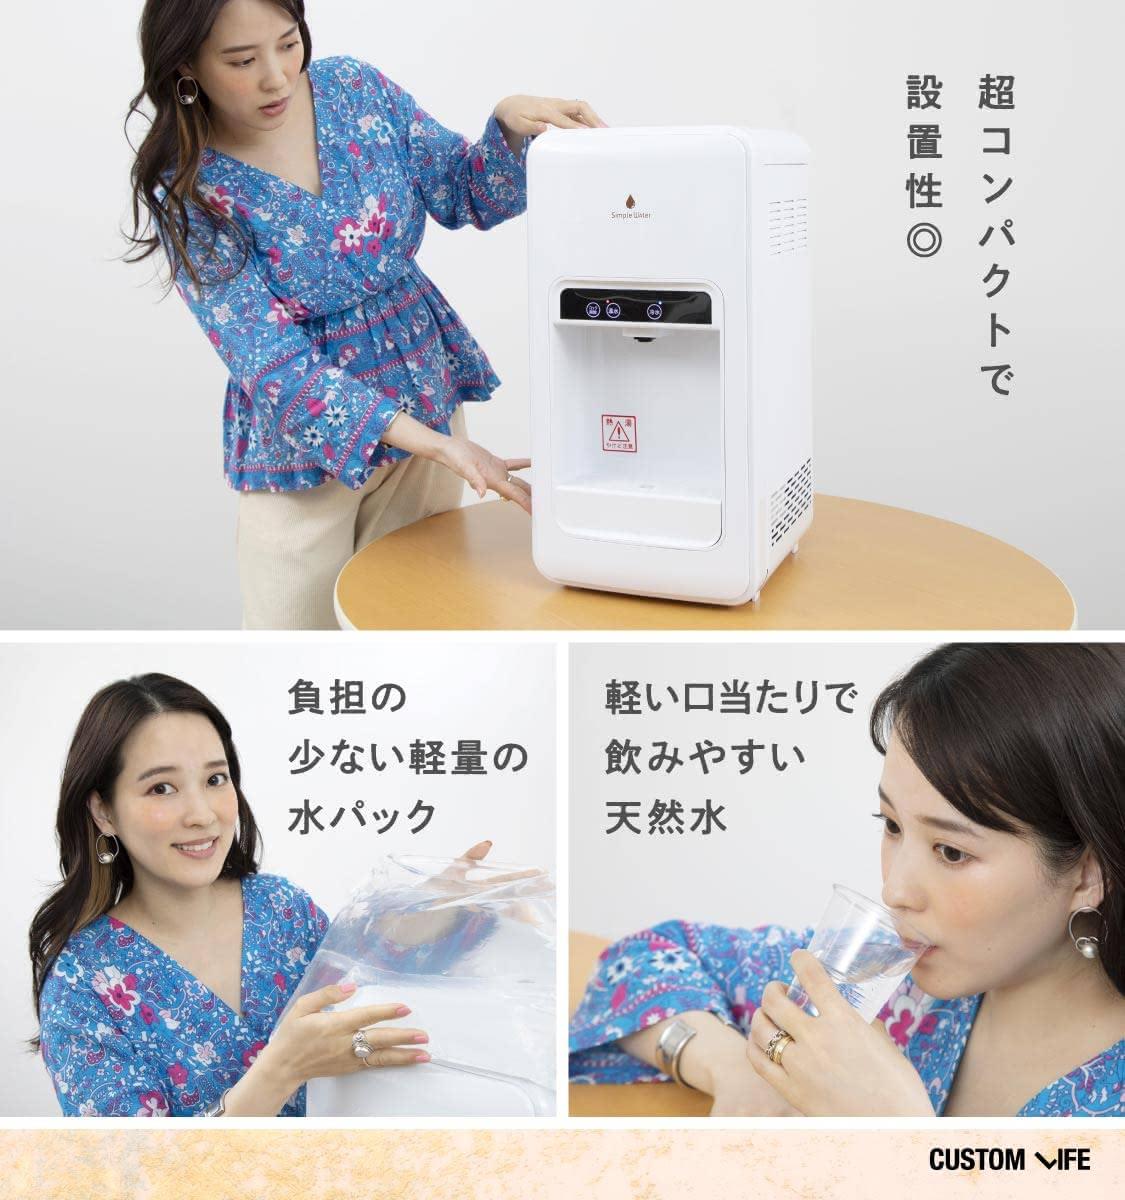 奈津子さんエコパックサーバーレビュー